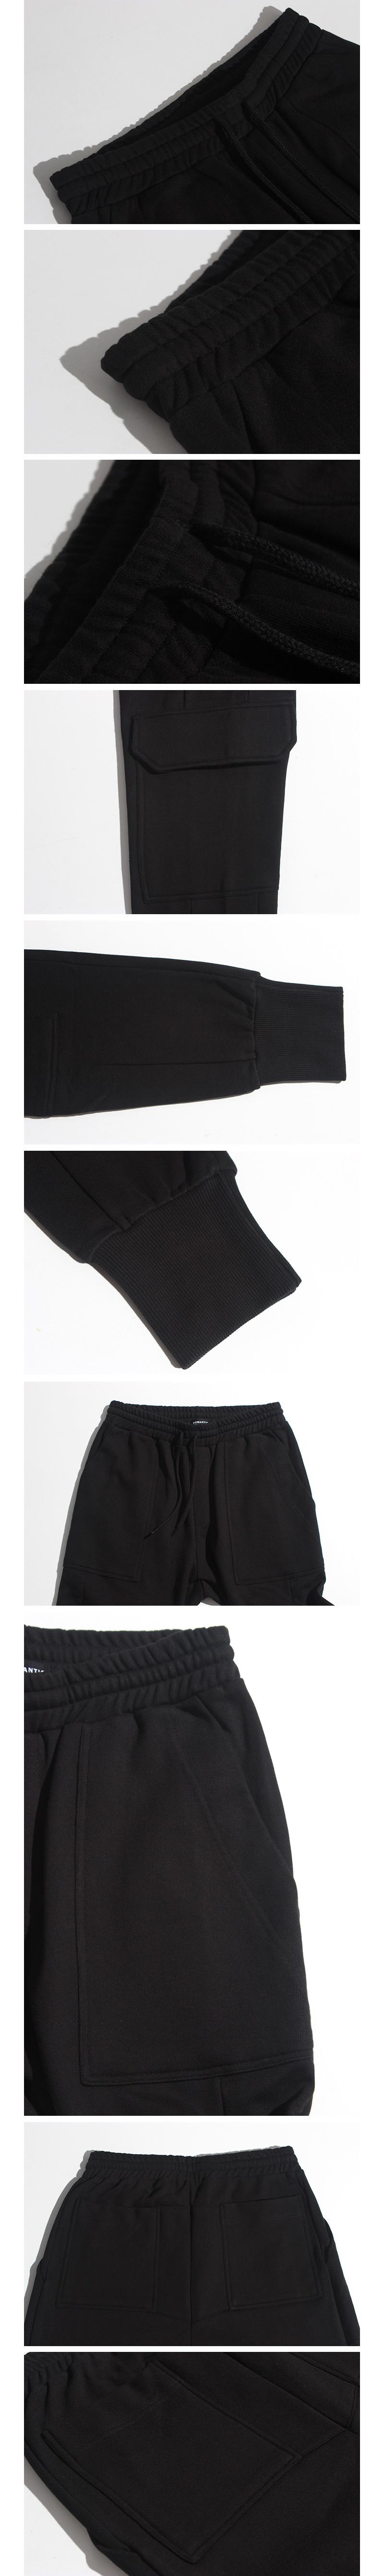 로맨틱 파이어리츠(ROMANTICPIRATES) CARGO JOGGER SWEAT PANT(BLACK)